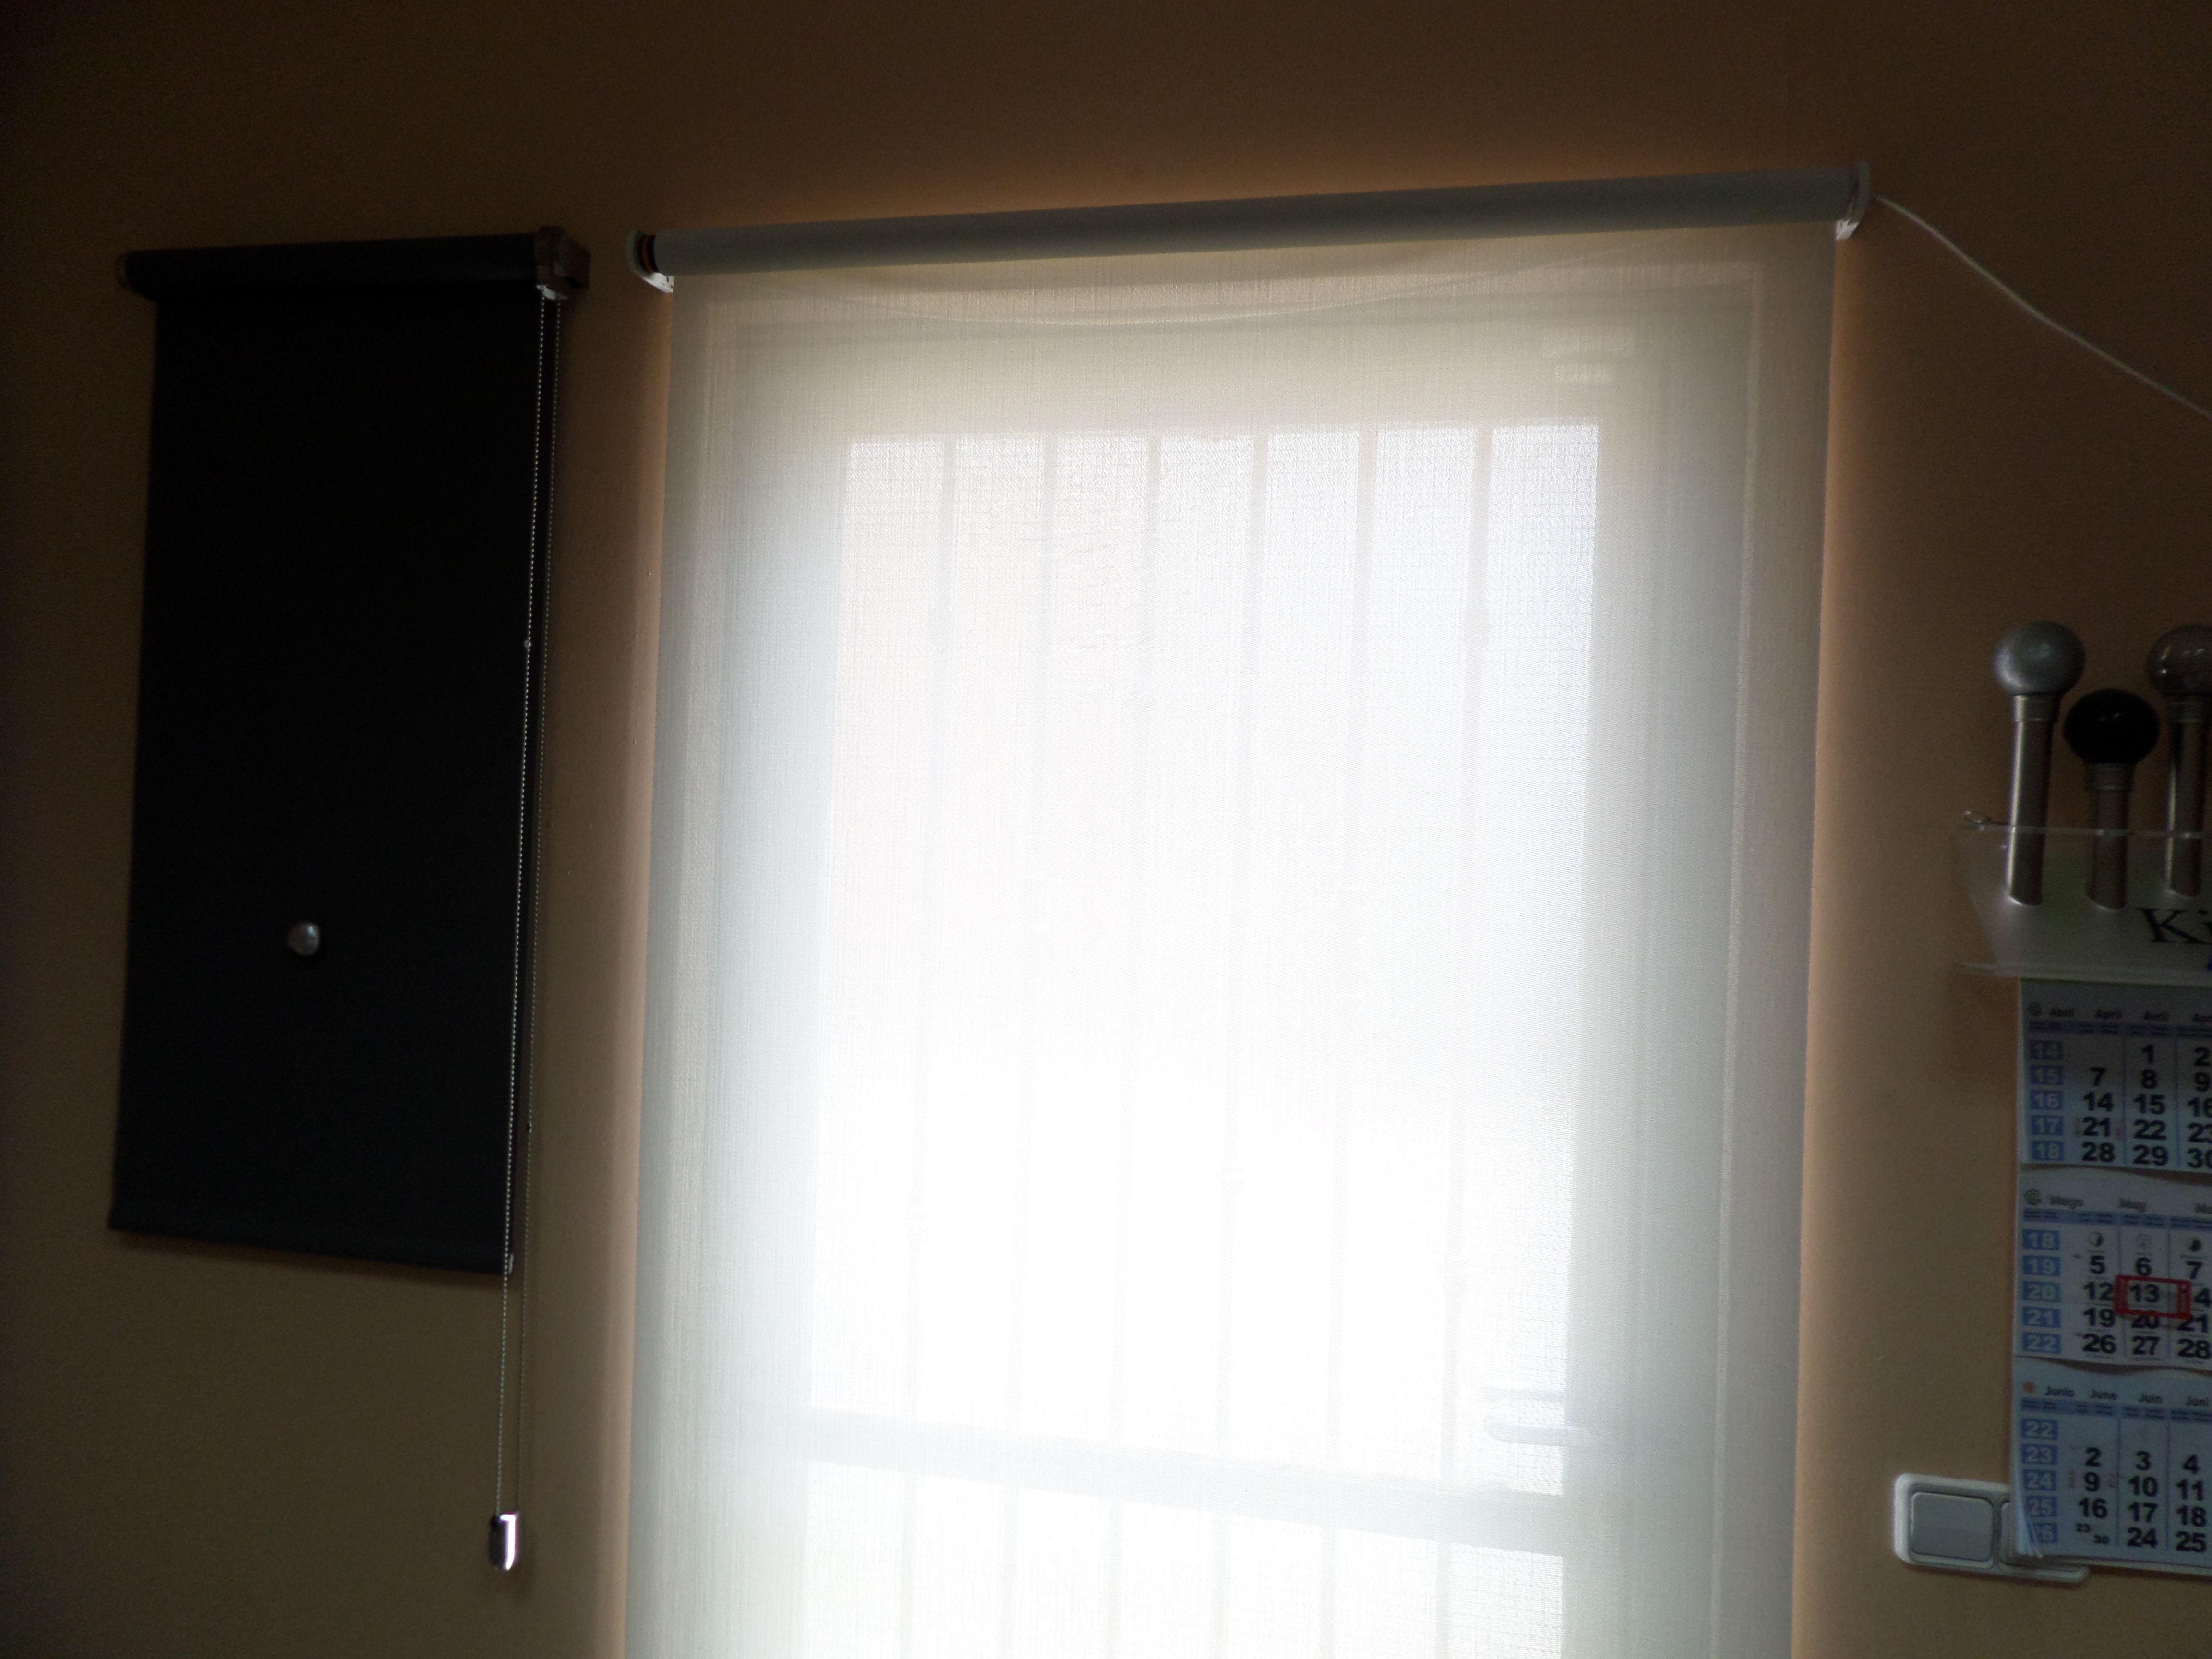 Proveedor distribuidor accesorios para cortinas Murcia, Almeria y Albacete, Mayoristas de persianas enrollables, estores screen en Murcia, Almeria y Albacete, Estores screen Murcia, Albacete y Alicante, Rieles y Barras de cortinas en Murcia y Almería,